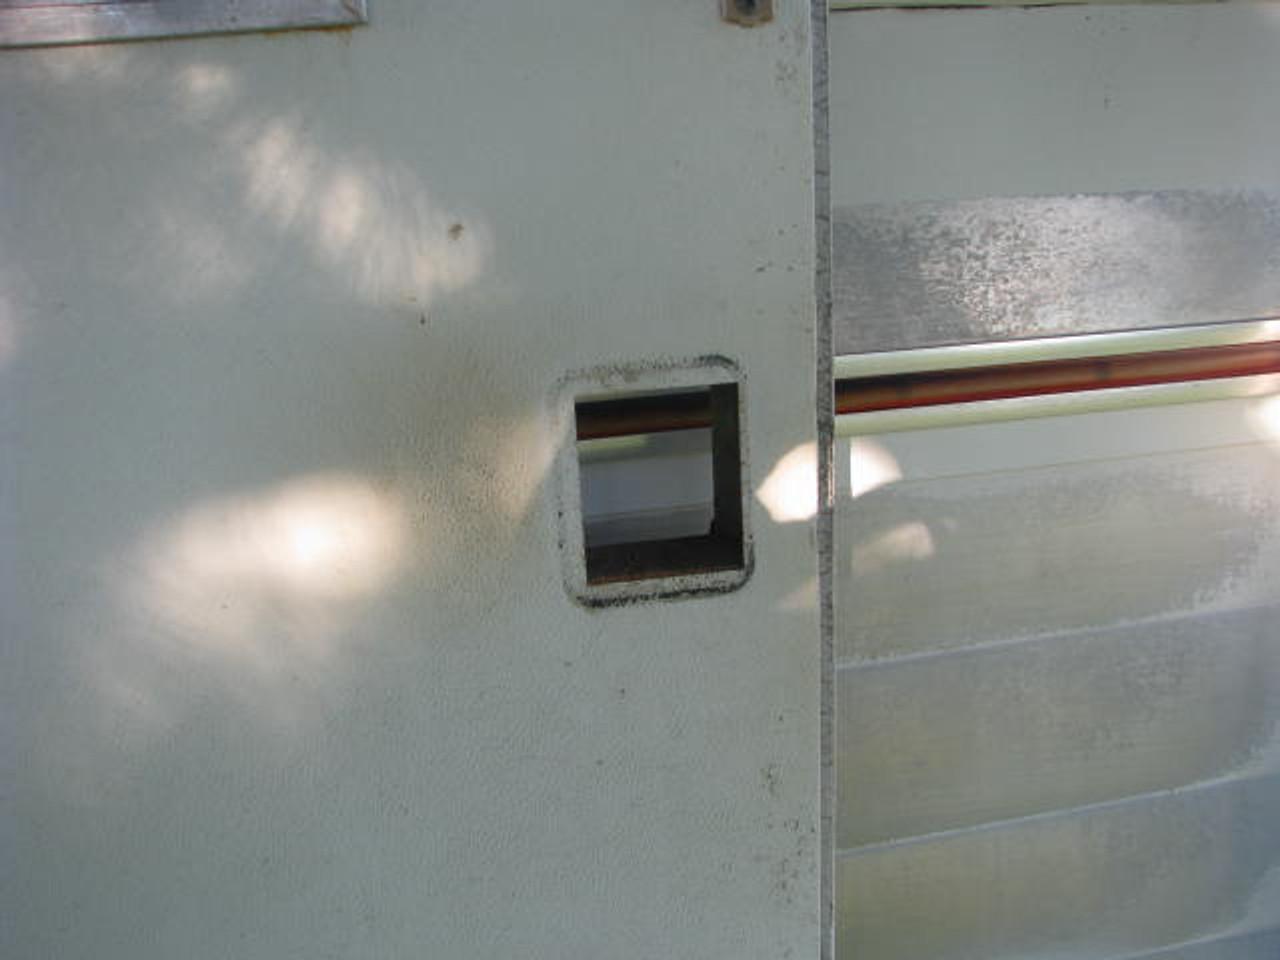 Bargman L-100, L-200 Retrofit Lock Kit (CHW106) Lock Removed